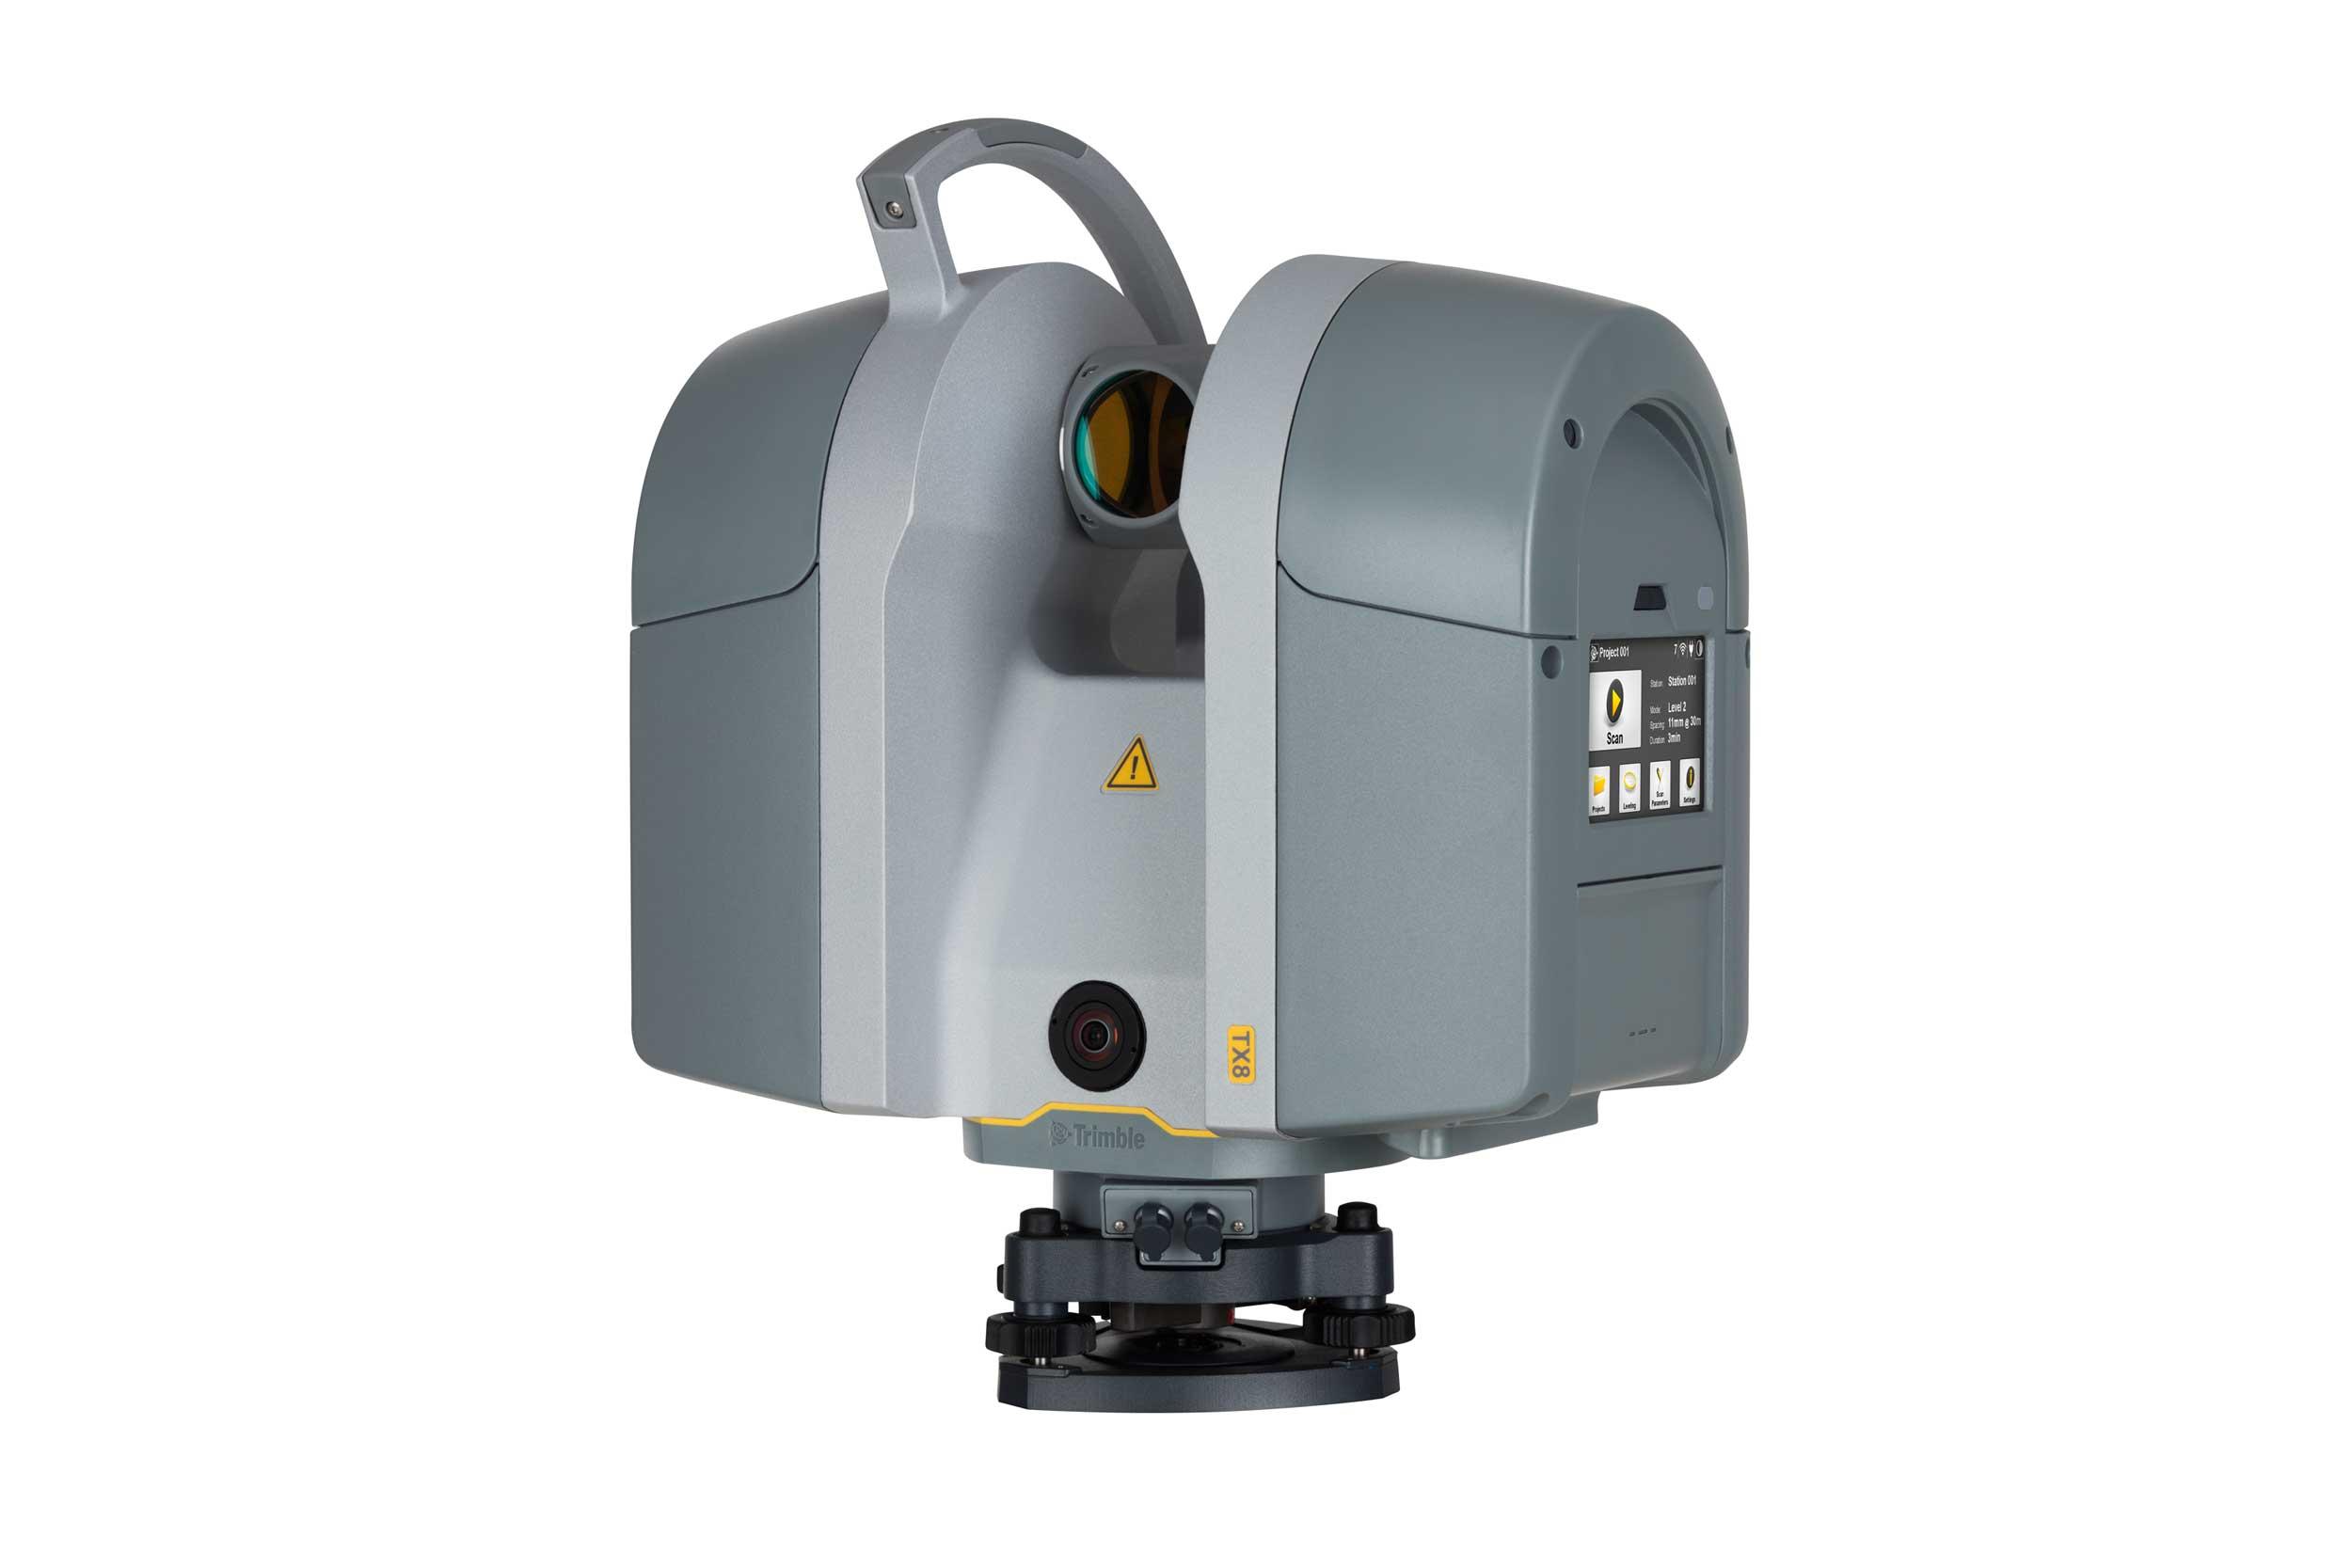 3D-Laserscanner Trimble Tx8